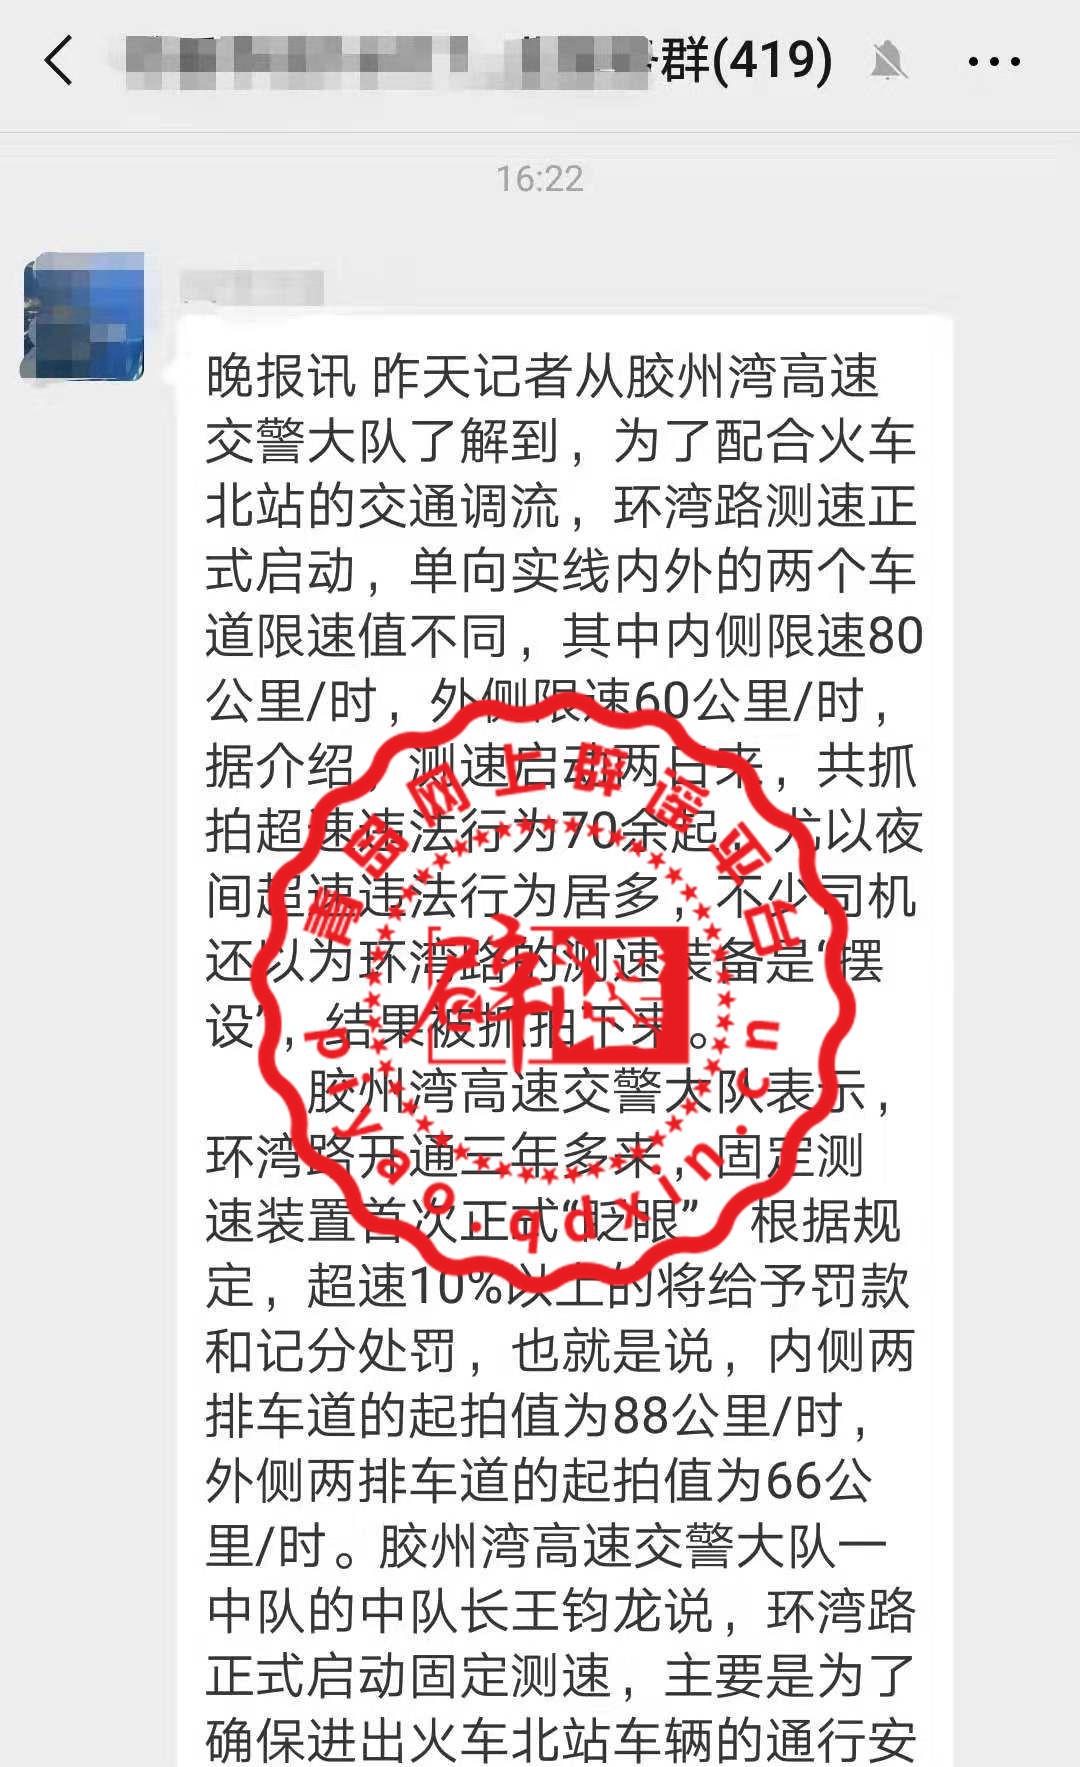 青岛网上辟谣平台披露2019年度典型网络谣言